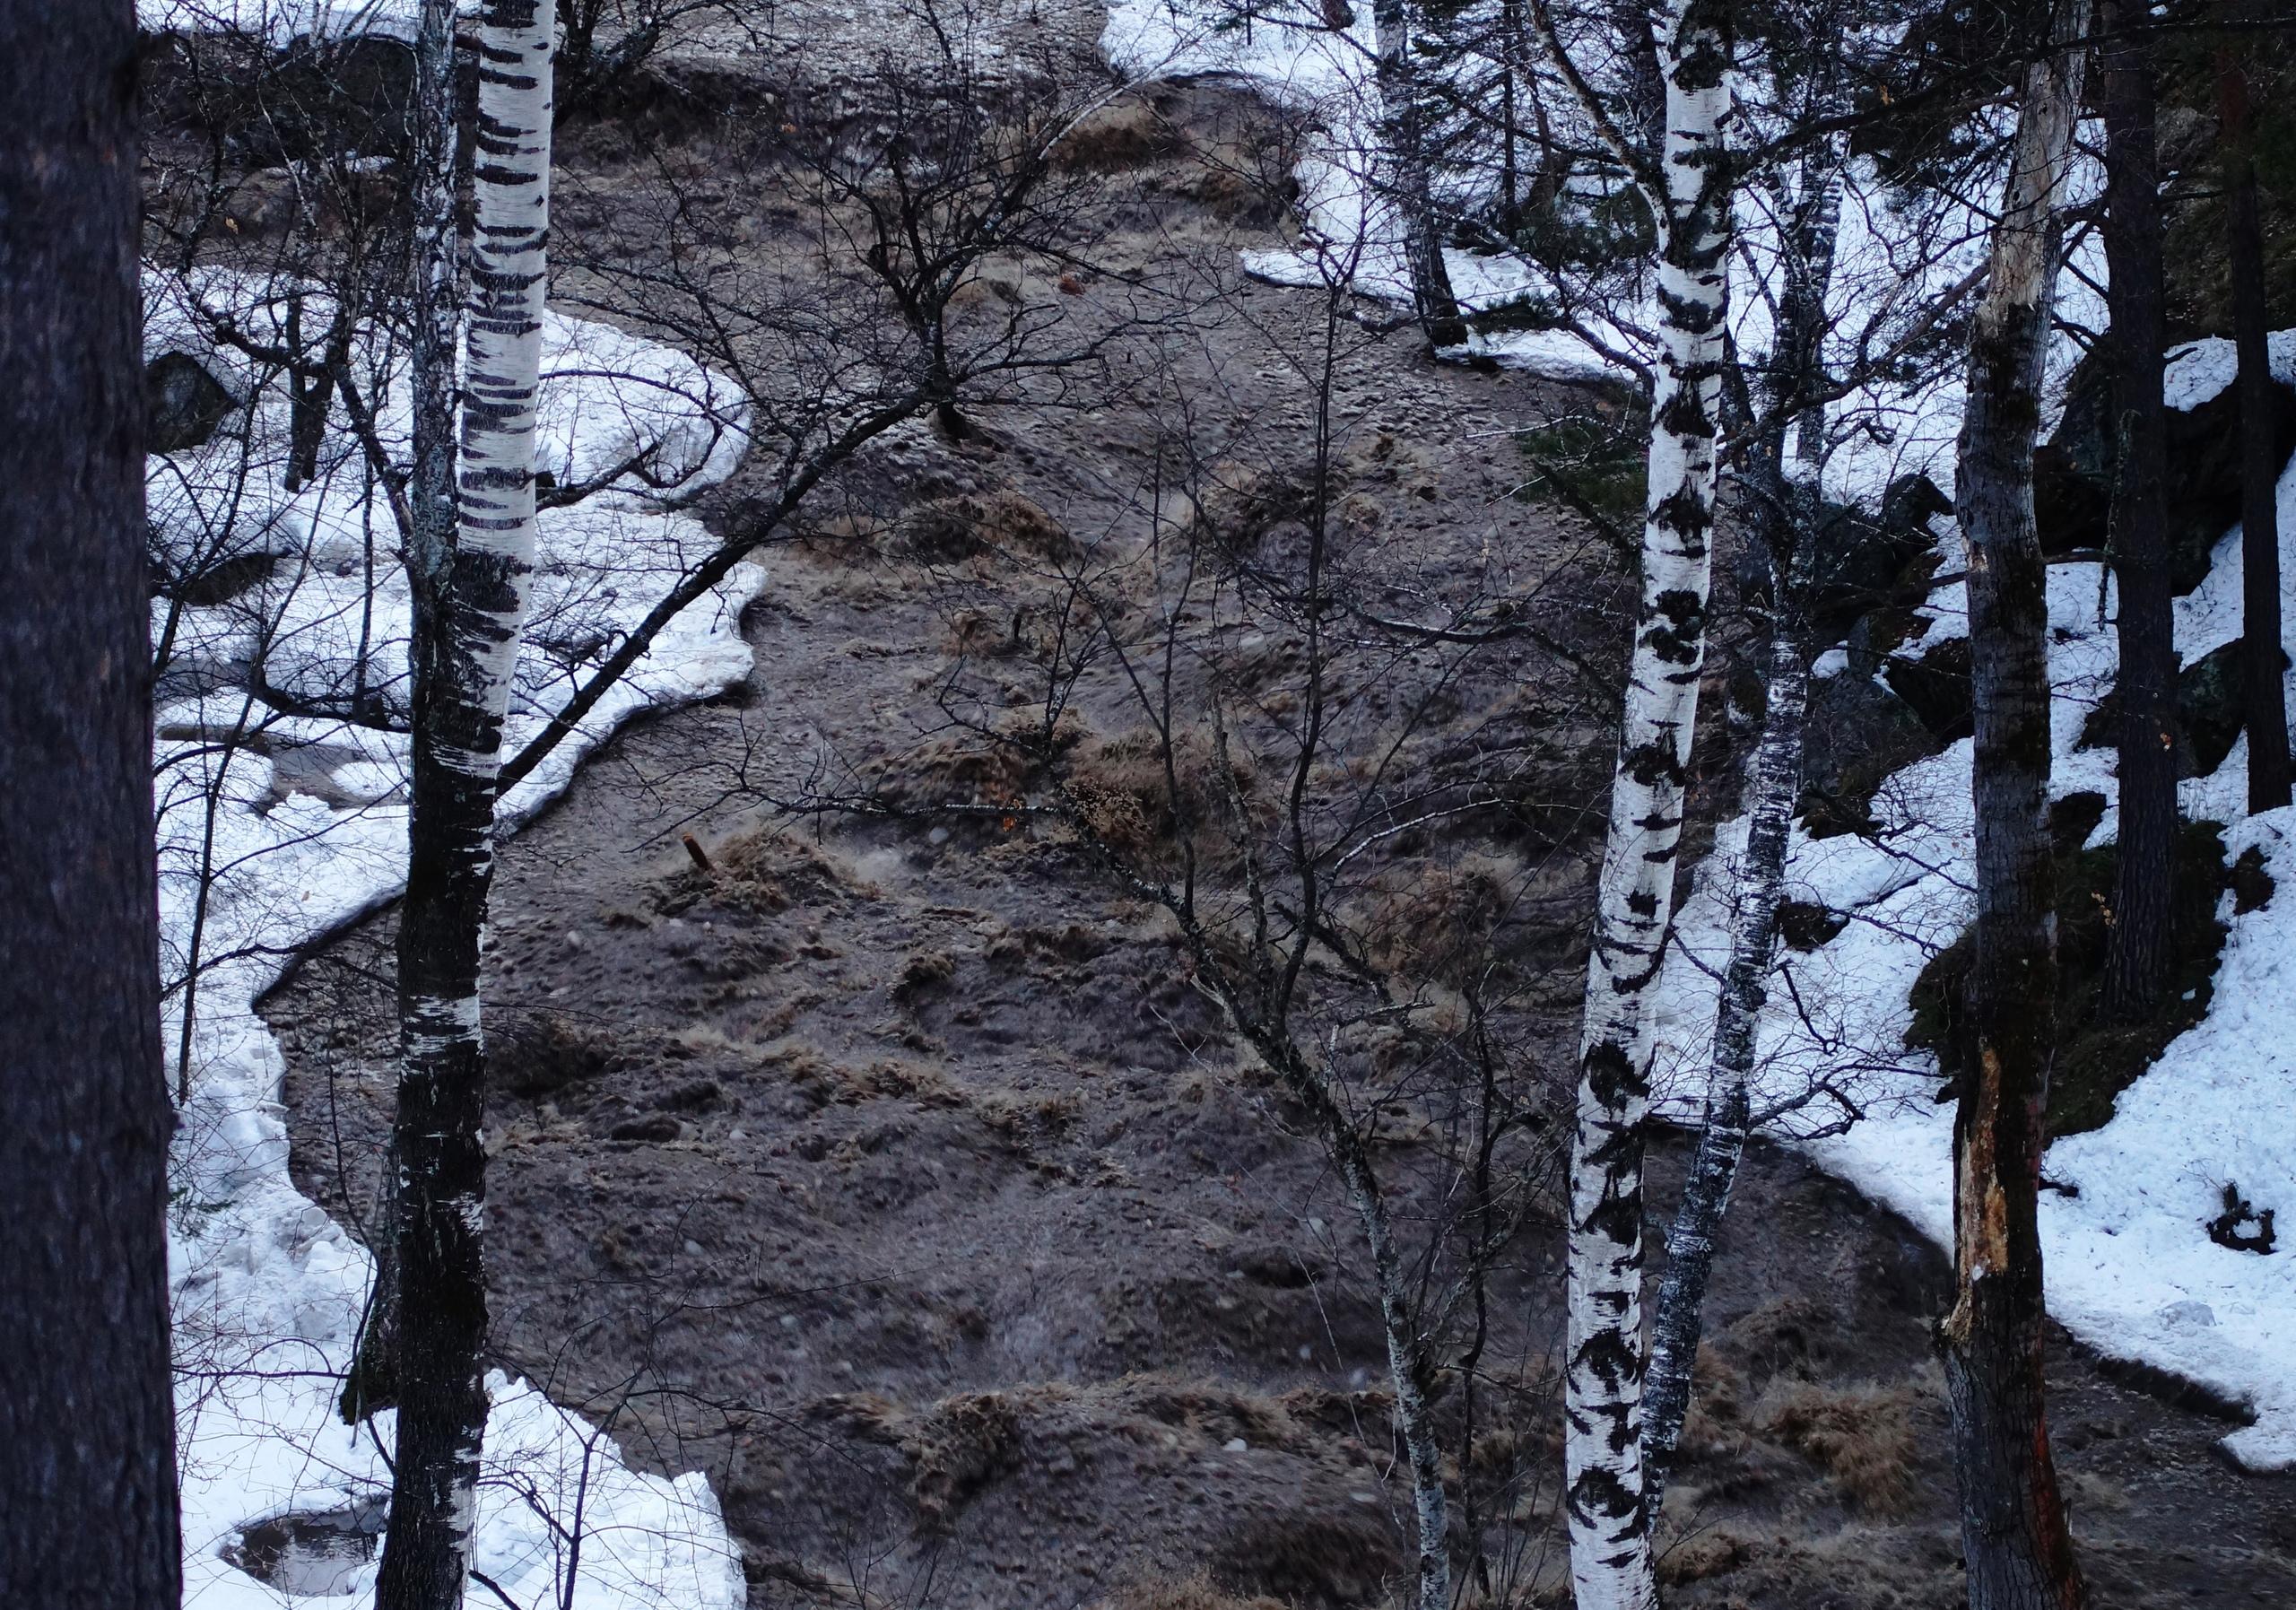 1307046709391.712 Бурный поток со снегом, льдом и брёвнами: очевидцы засняли эпичное вскрытие реки в Алтайском крае